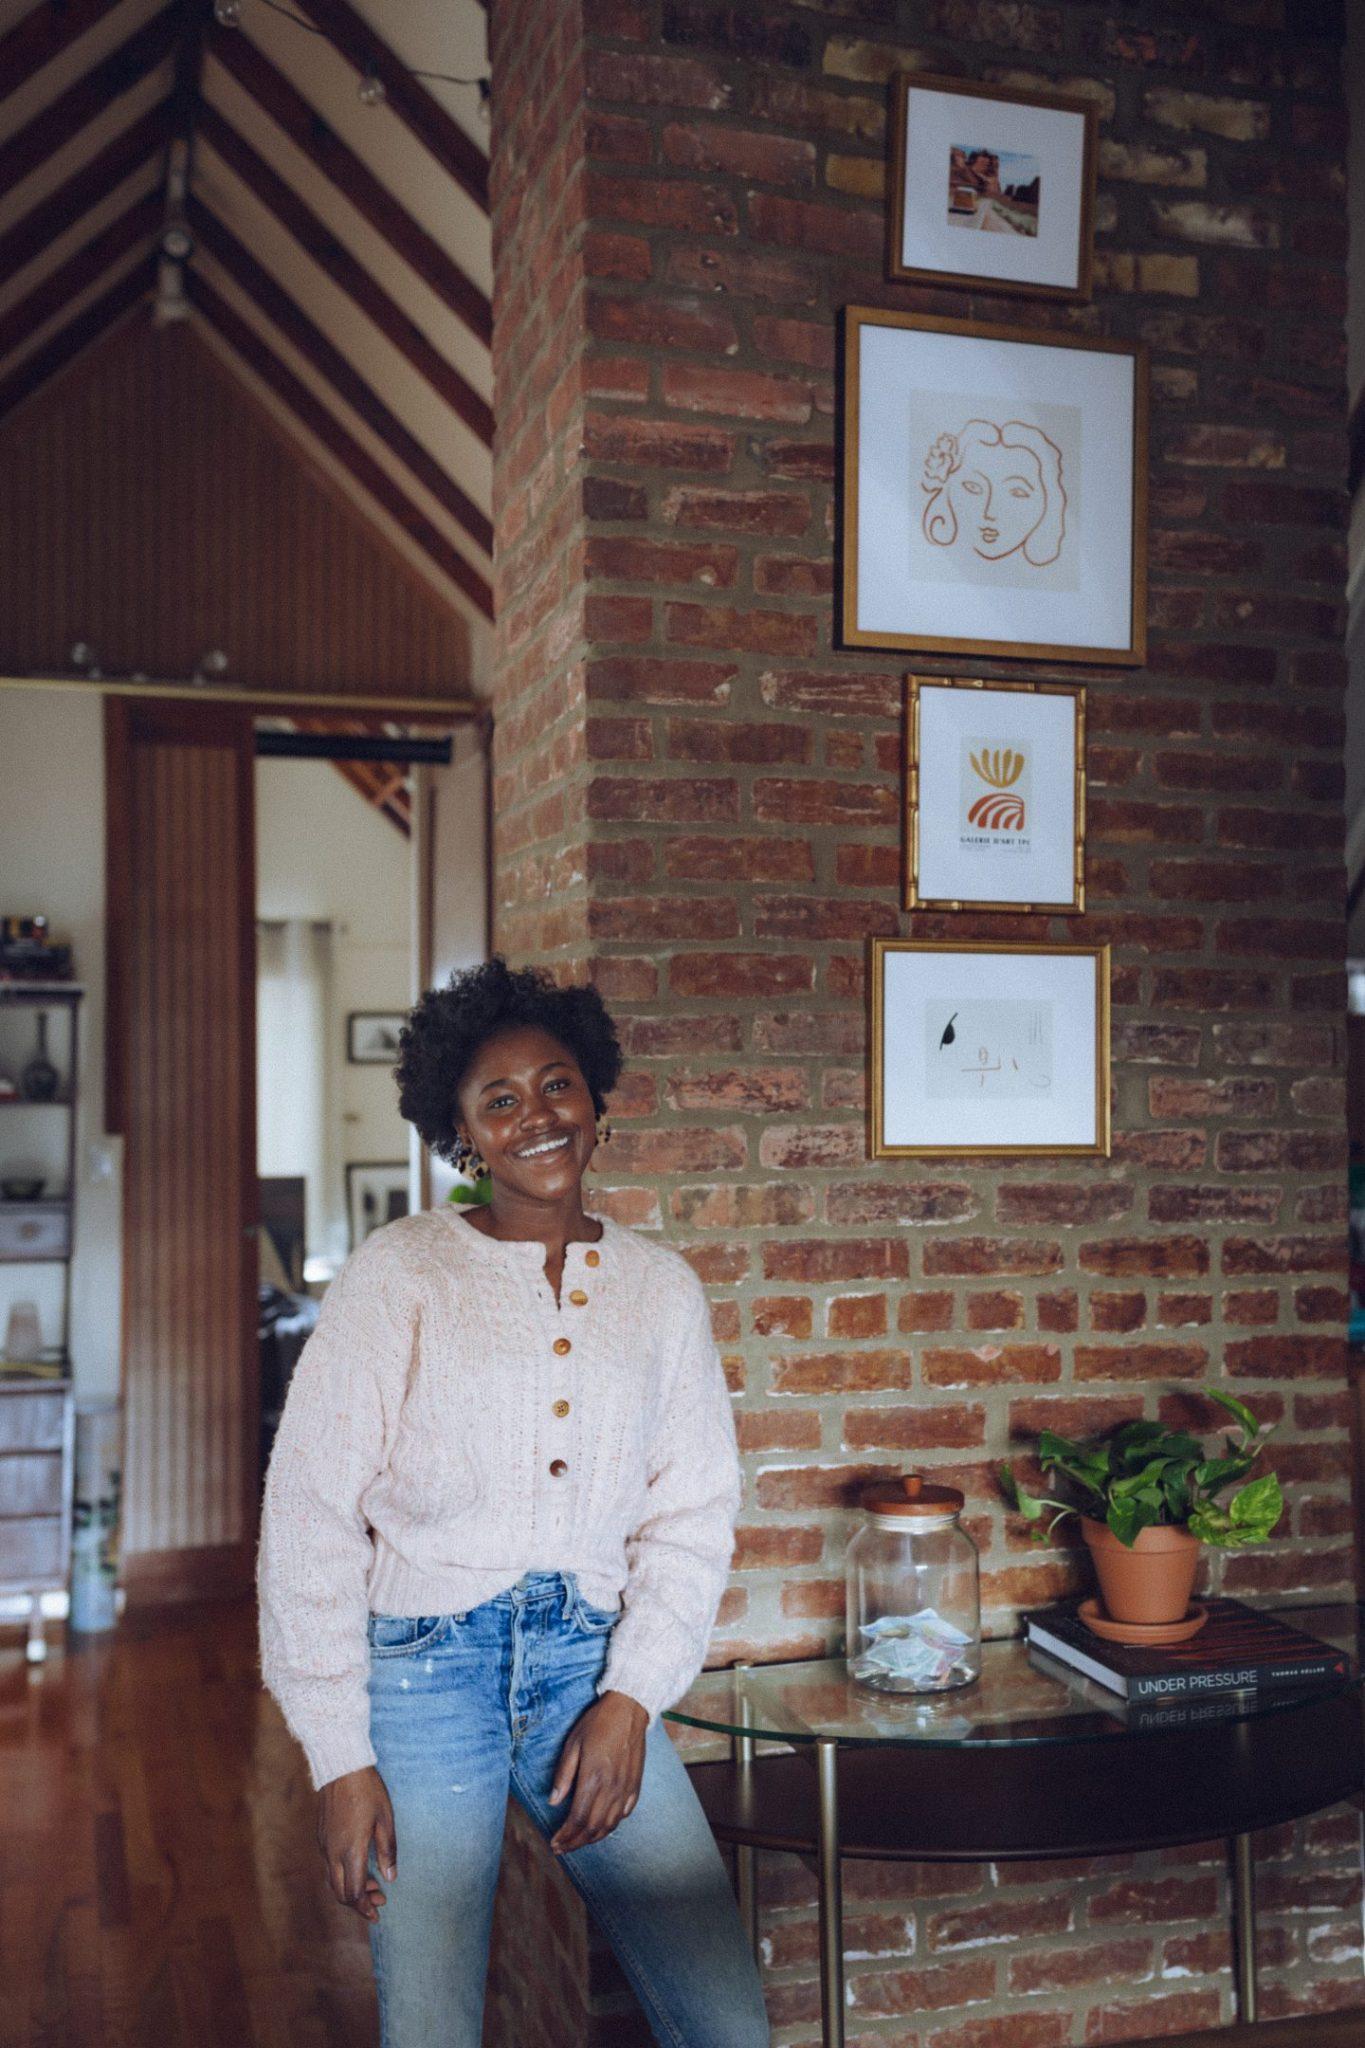 Women smiles near Gallery Wall